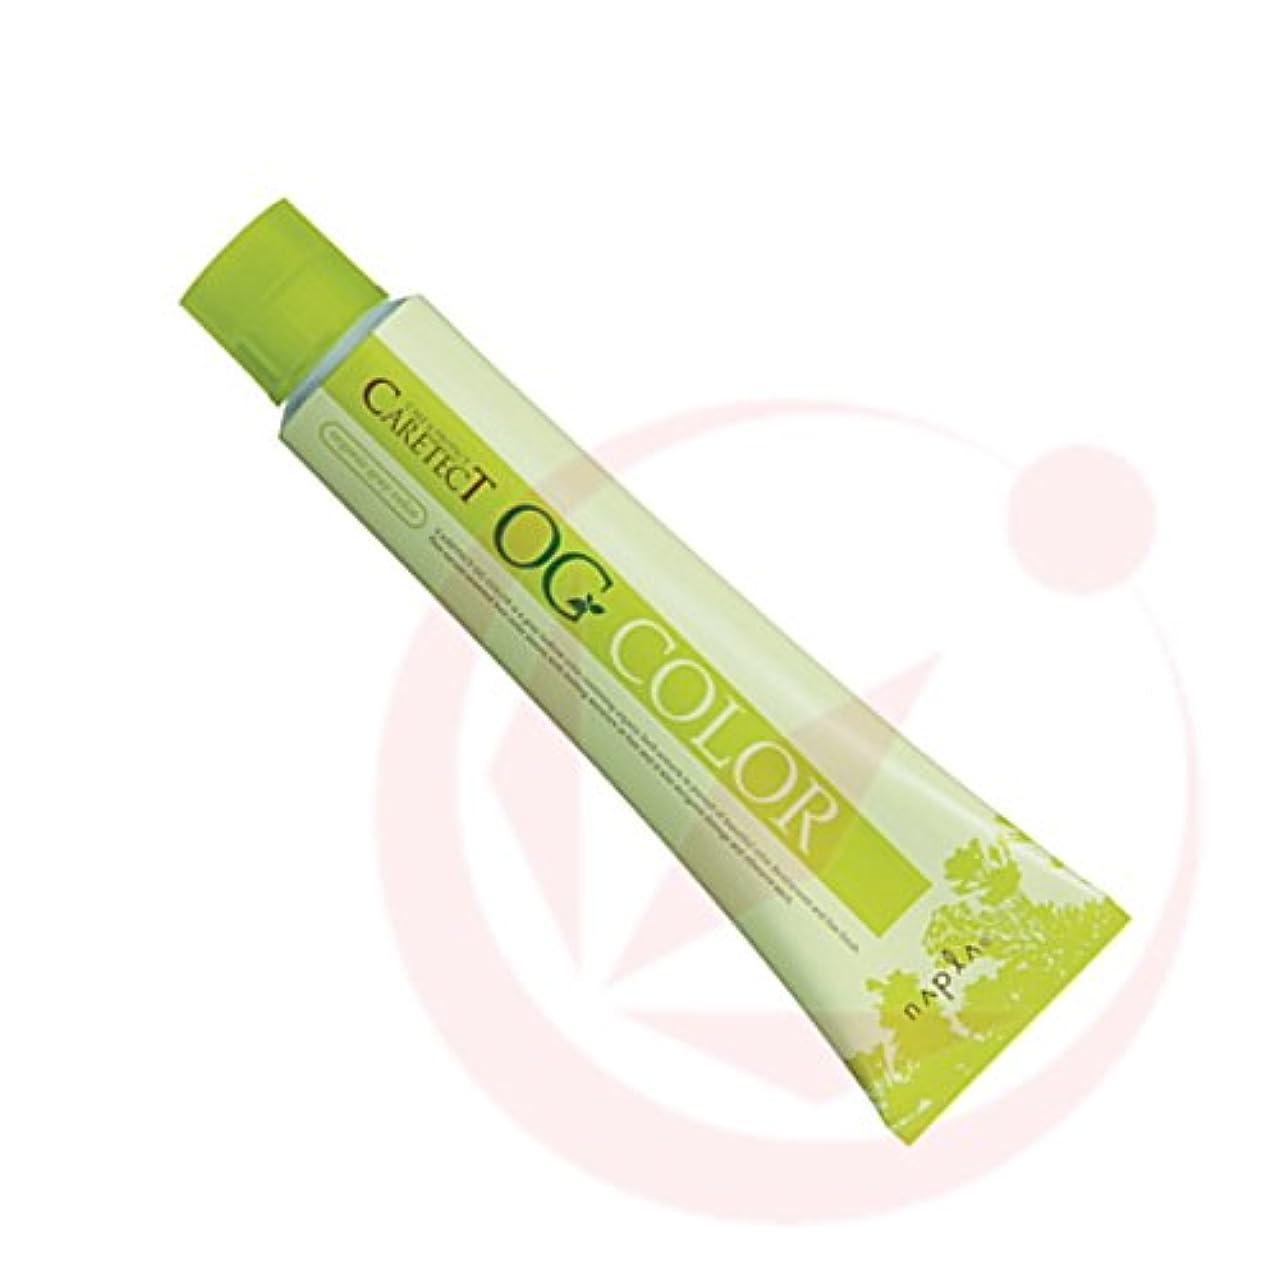 支援フォロー香水ナプラ ケアテクトOG カラー ベージュ 80g(1剤) 【ベージュ】O-Be5